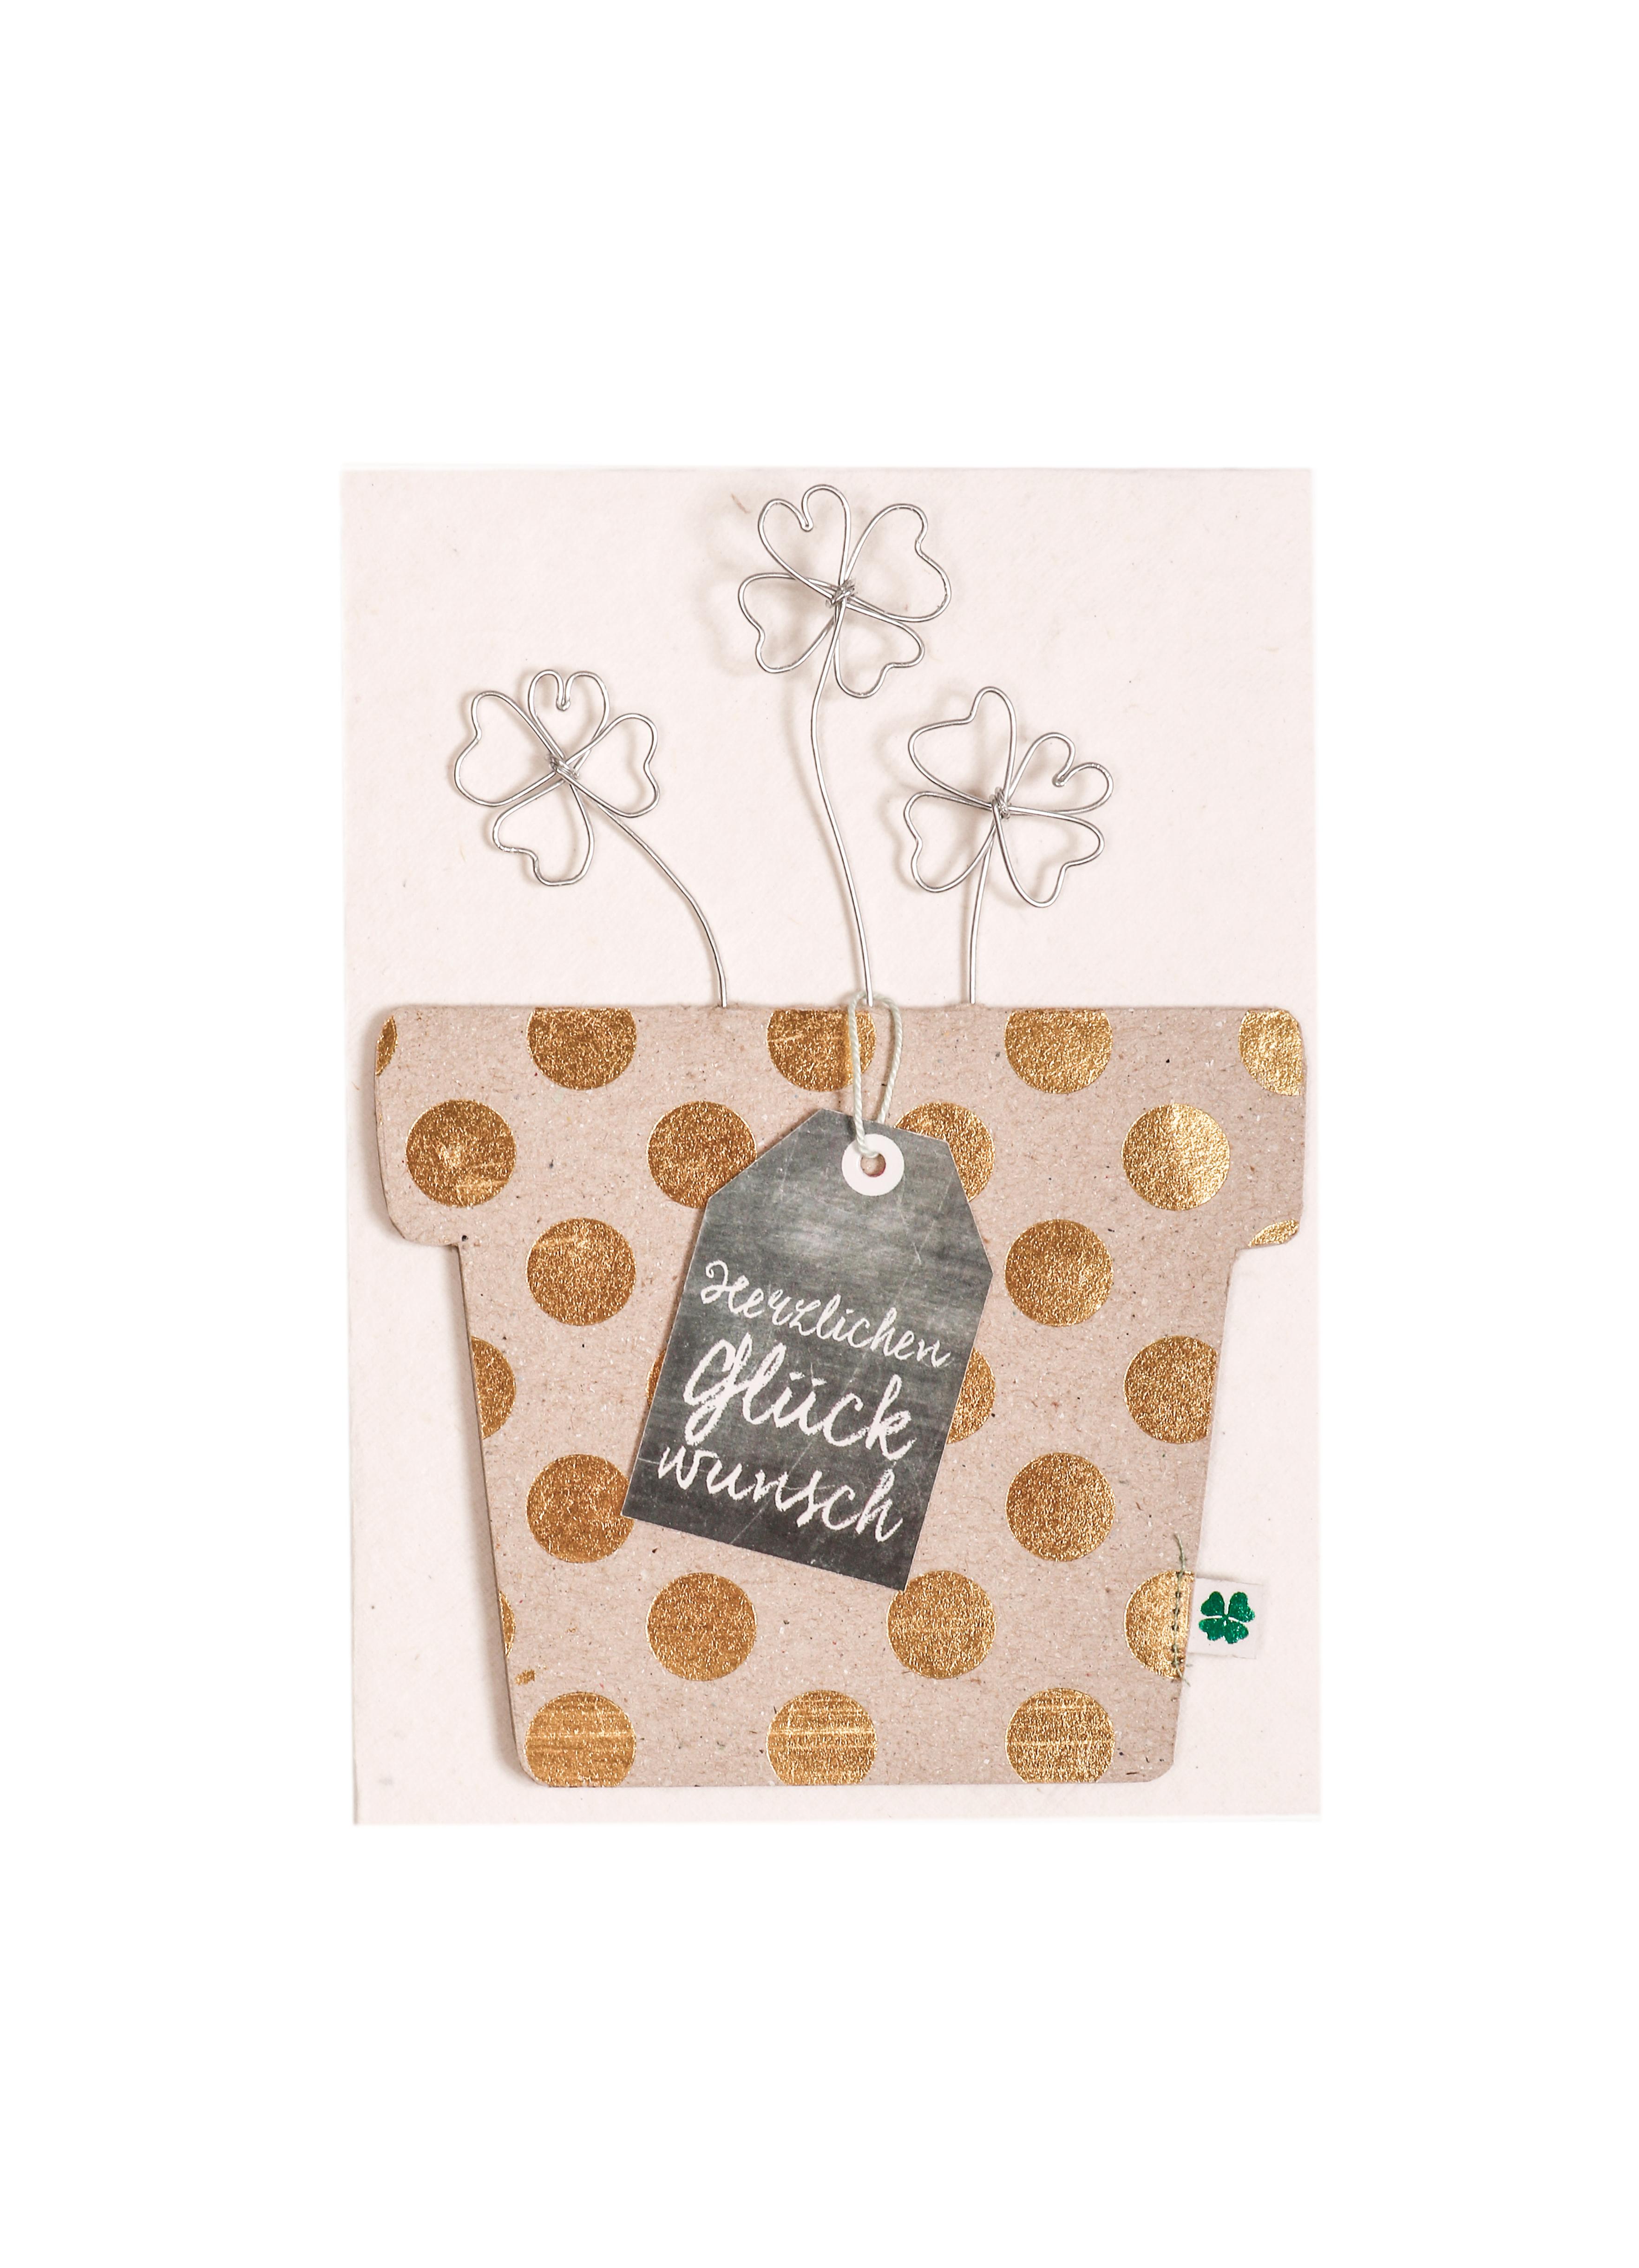 Blumentopf Karte - Herzlichen Glückwunsch - Good old friends